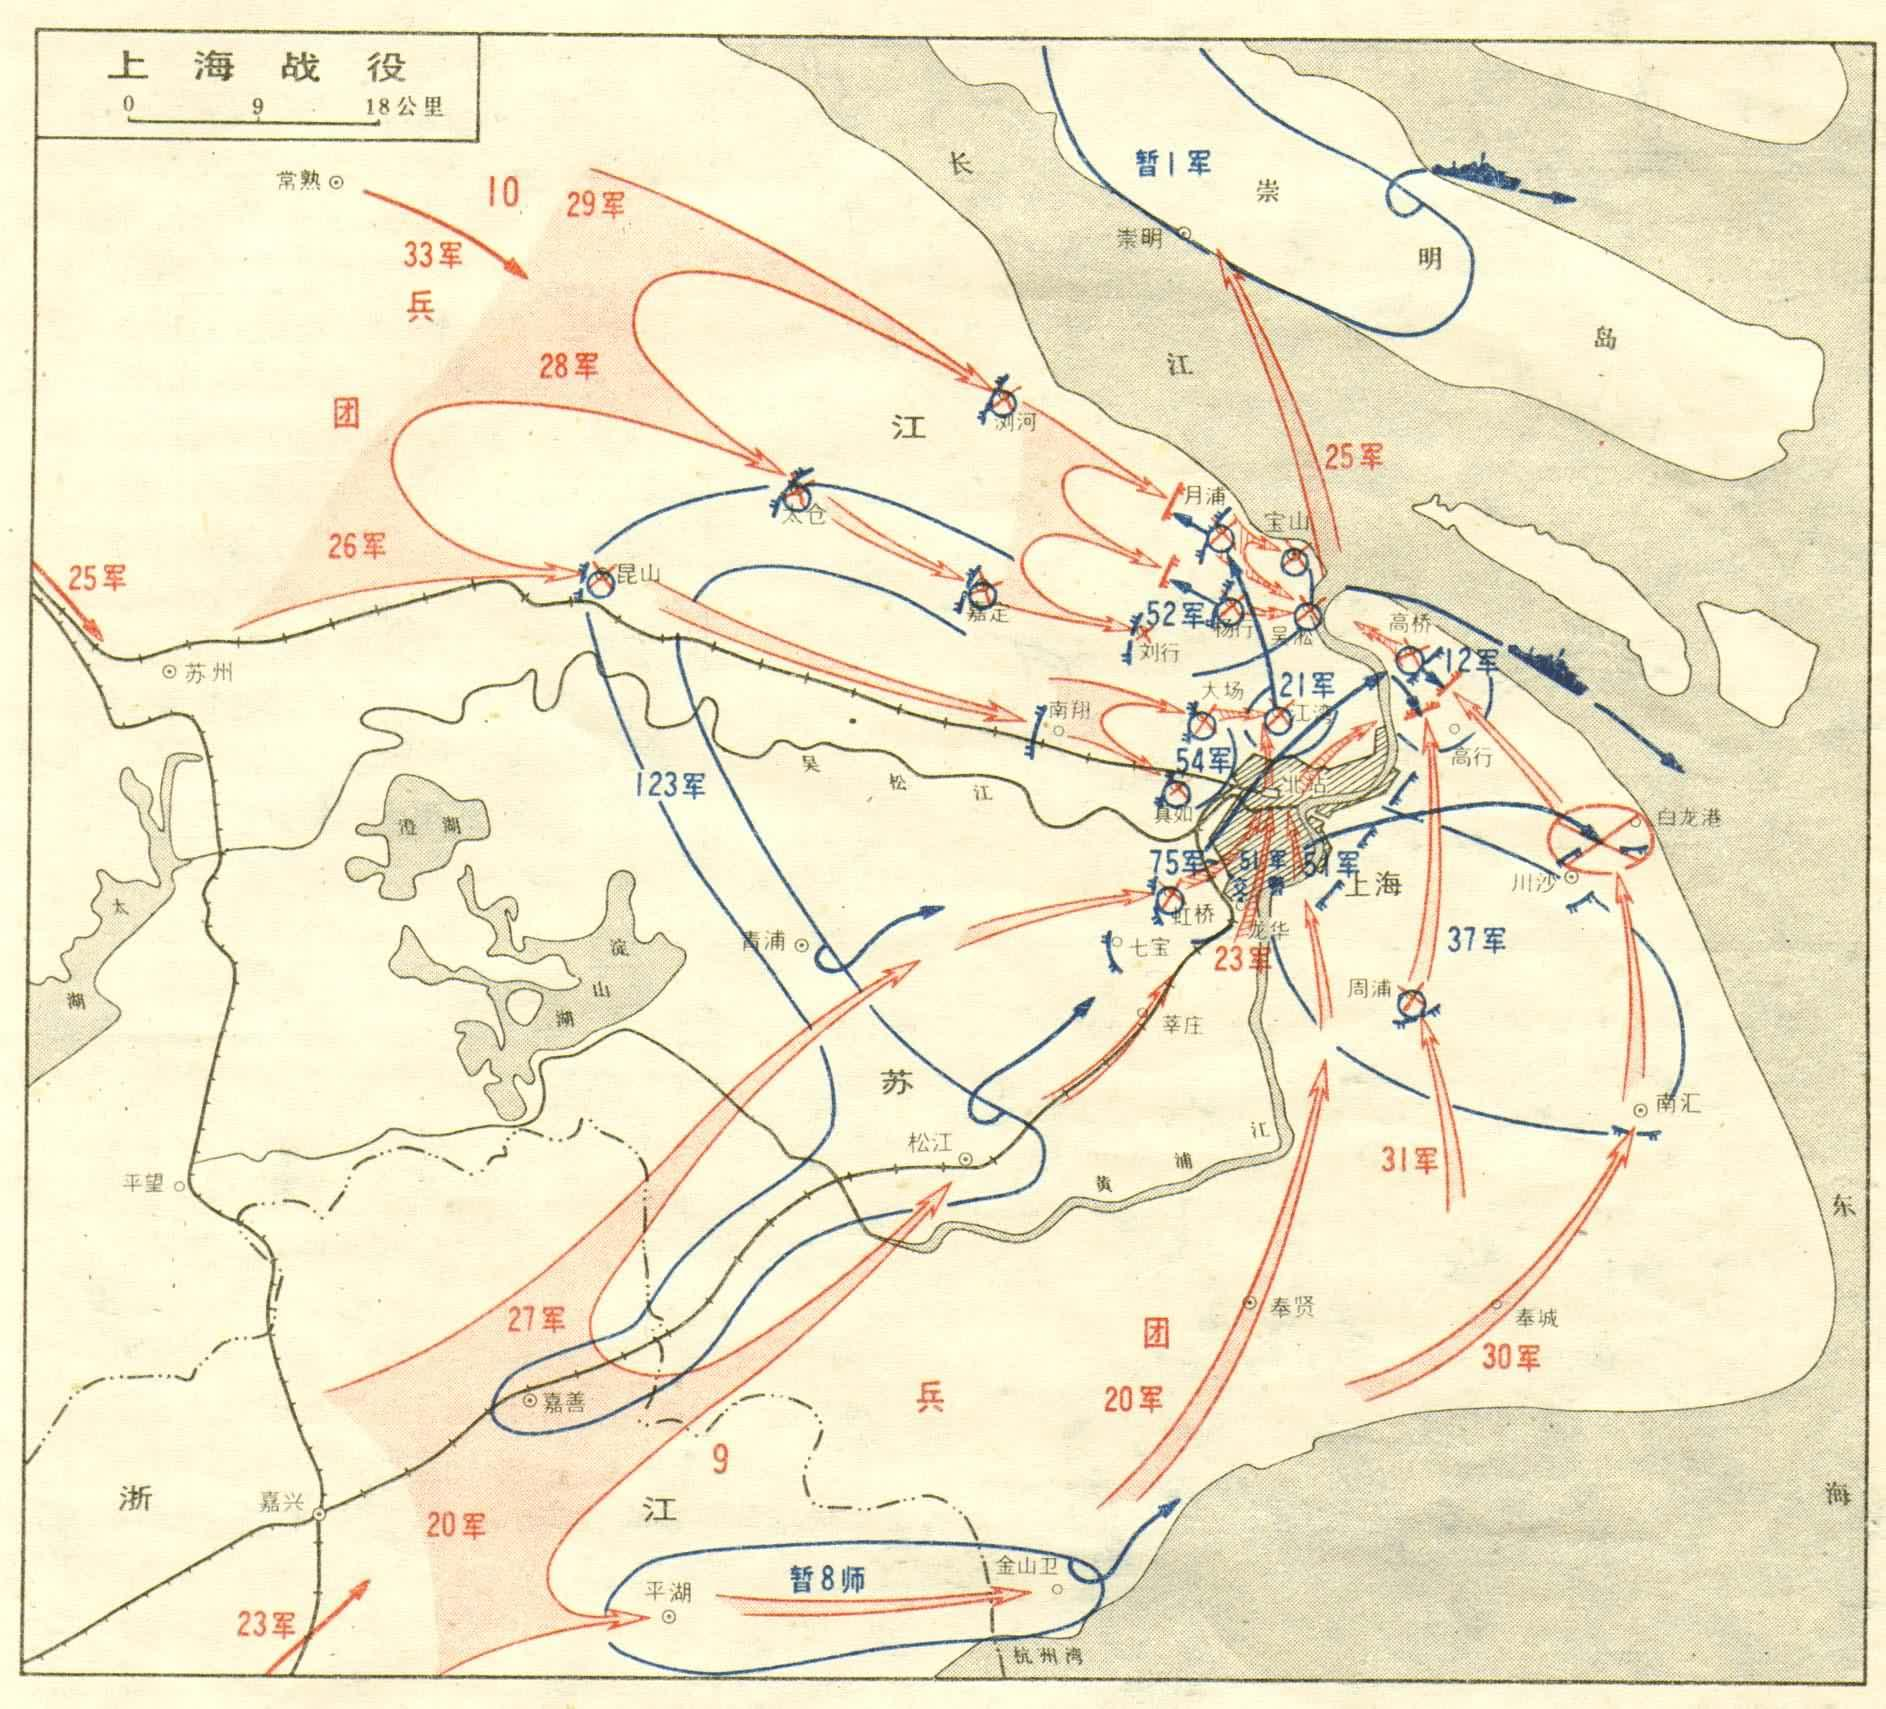 苏州解放东路地图